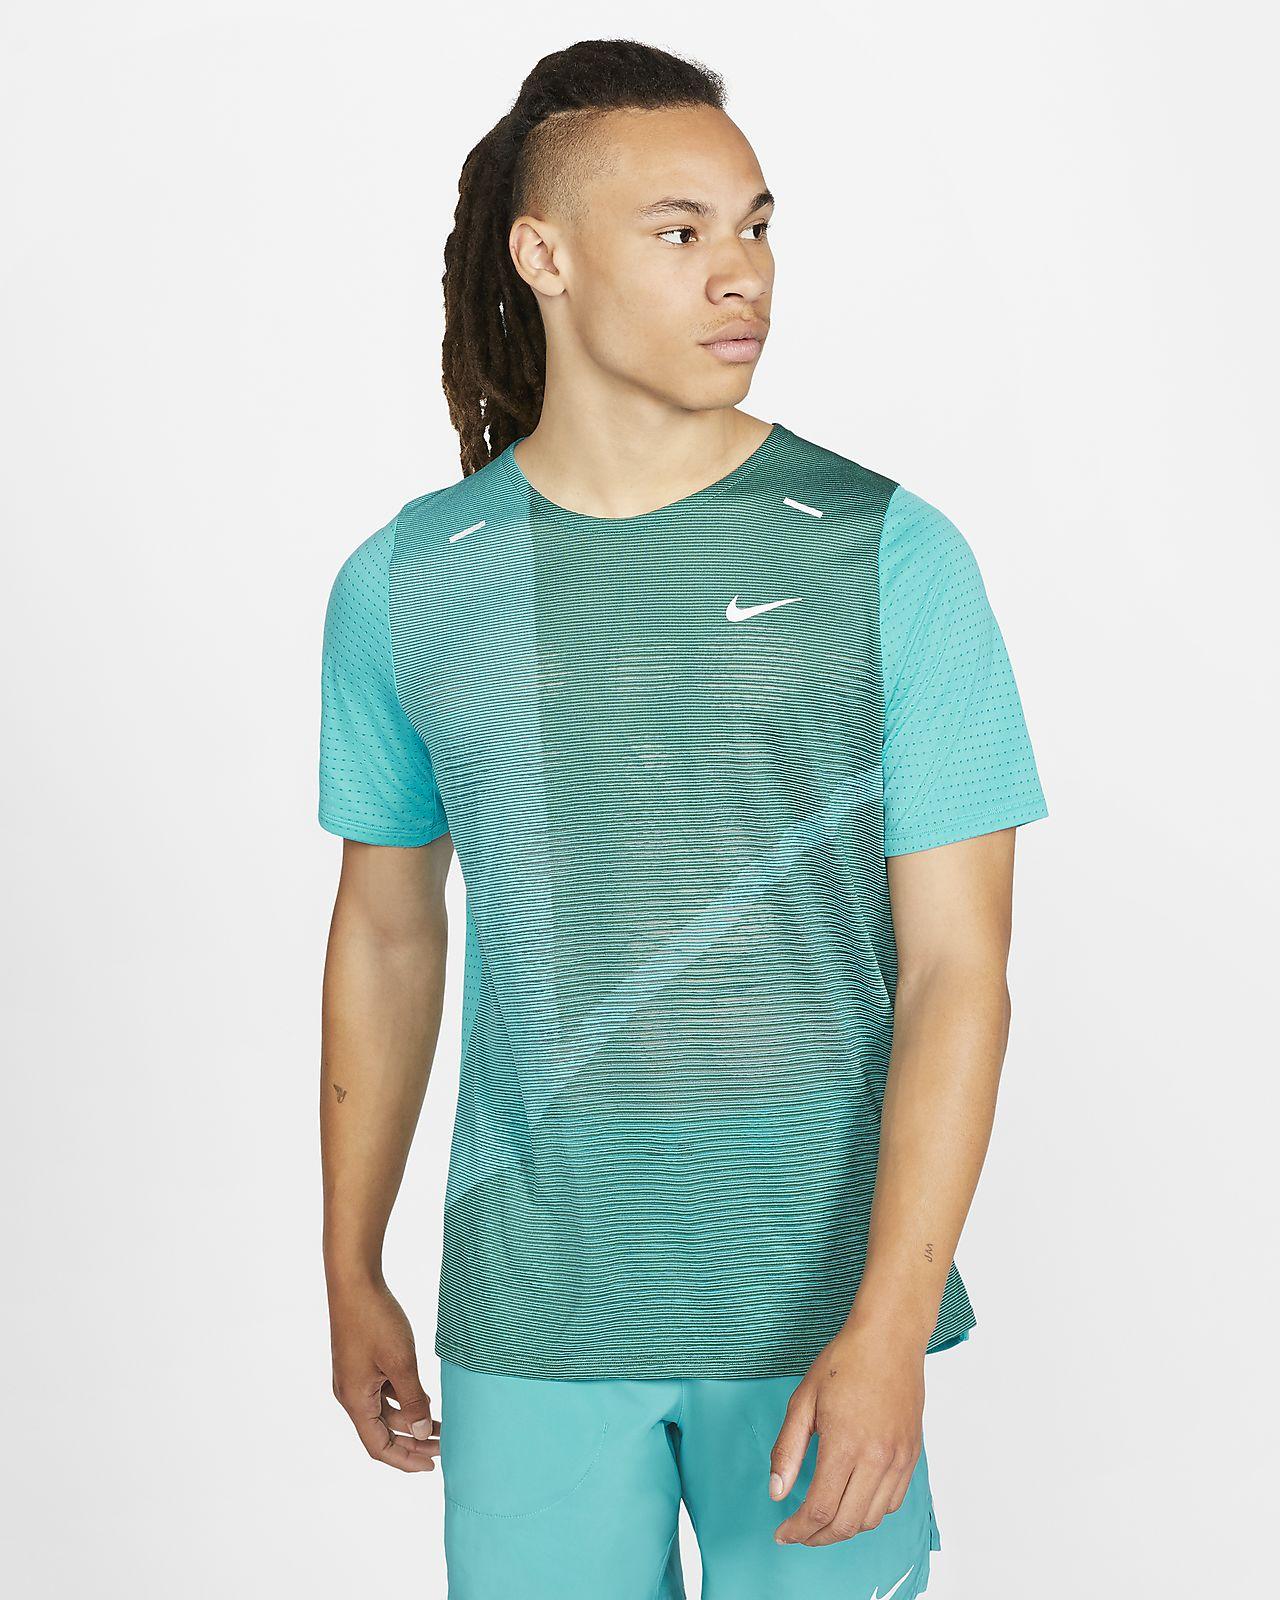 Löpartröja Nike Rise 365 Future Fast för män